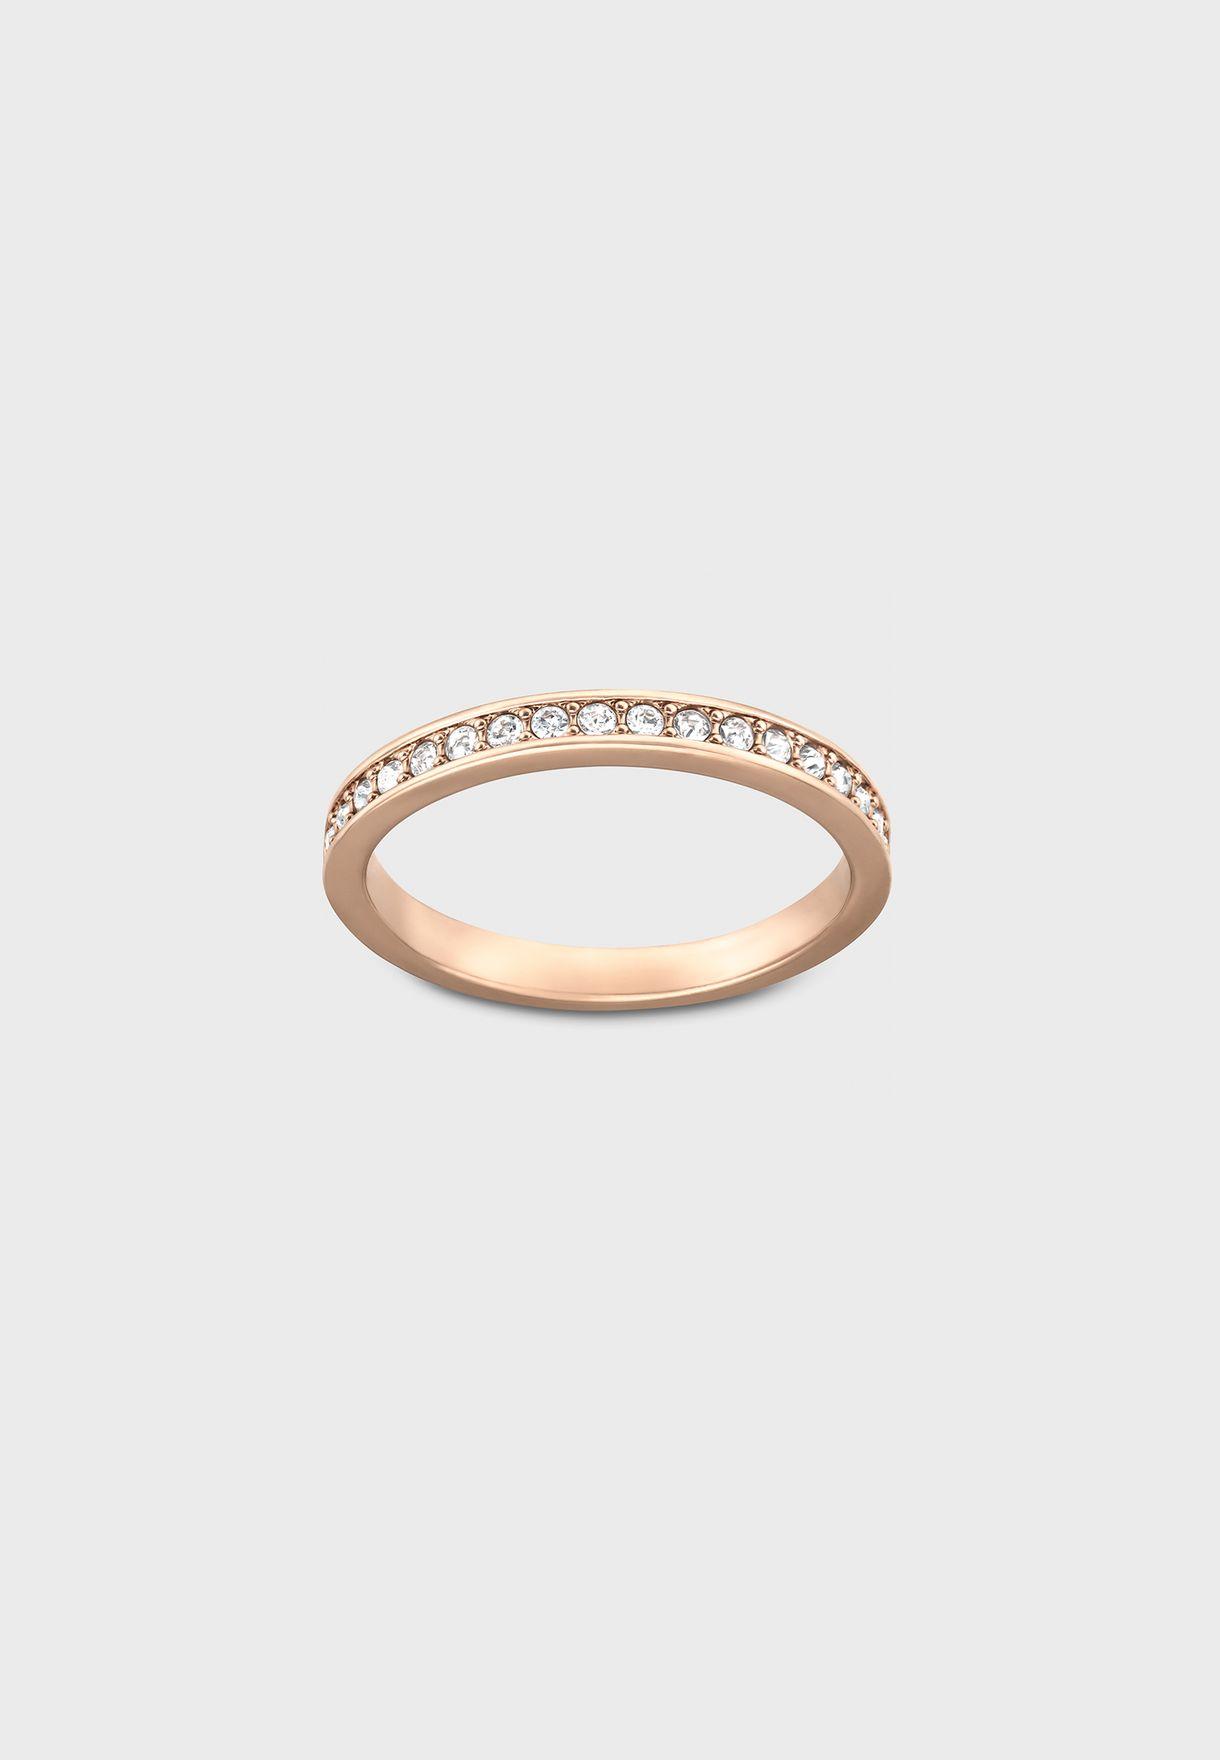 خاتم مطلي بالذهب الوردي